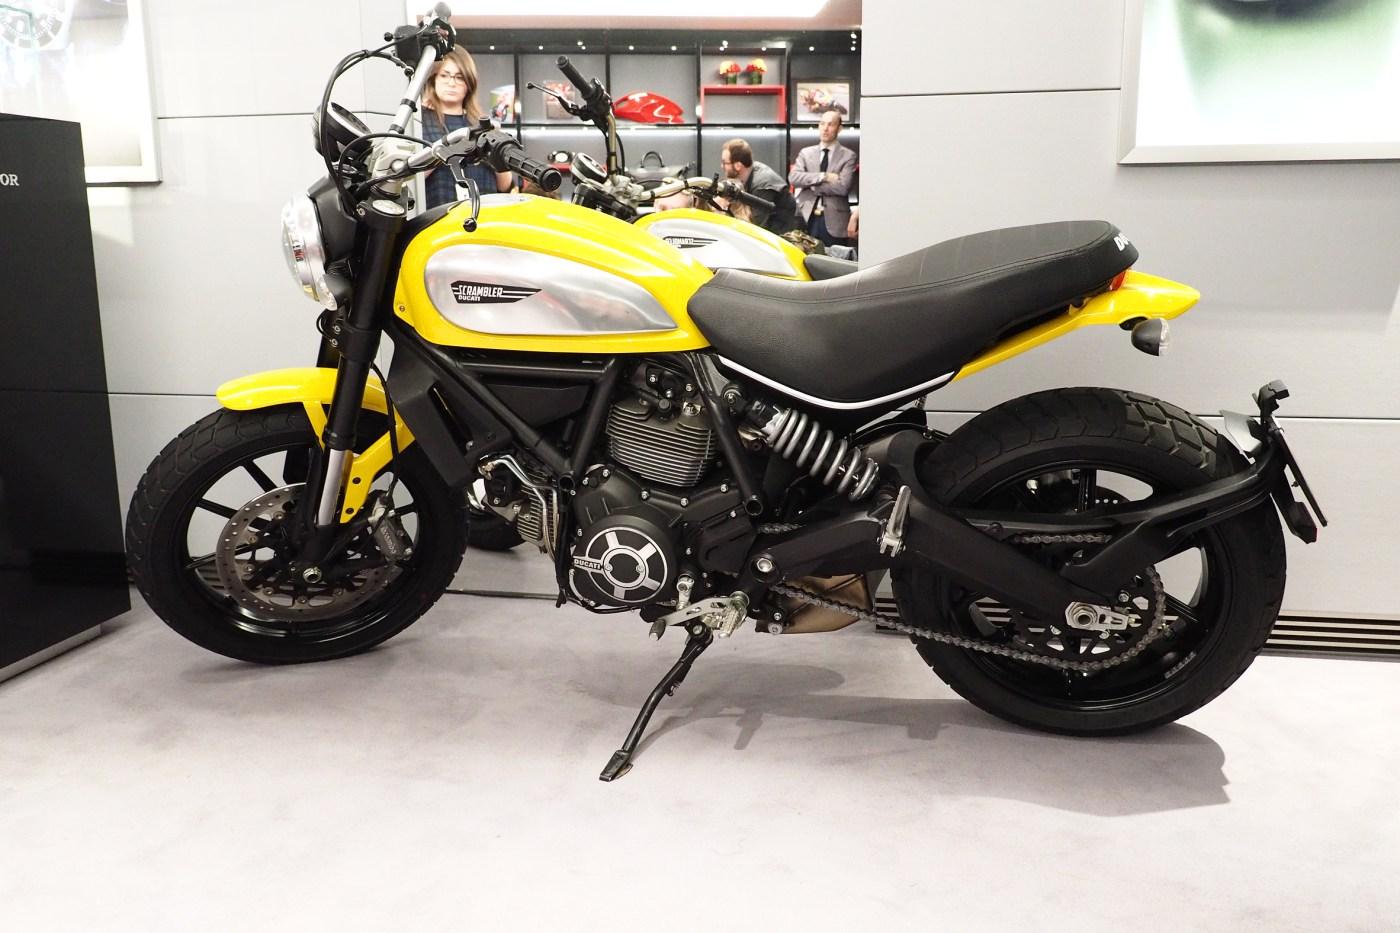 Ducati Scrambler 2015 Tudor